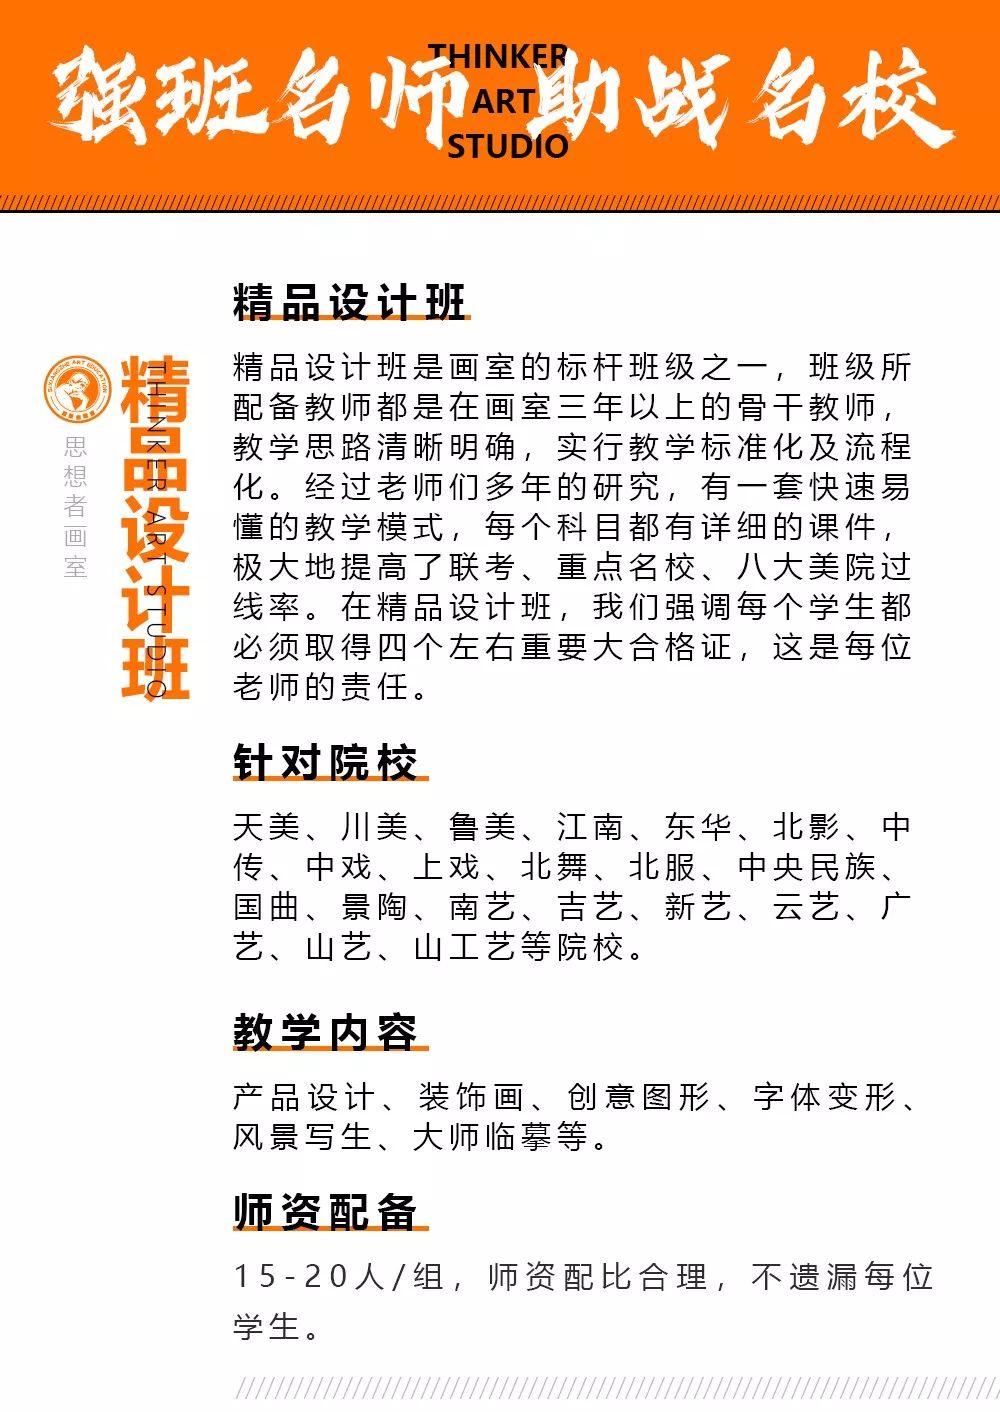 北京思想者画室预报名开启,北京画室招生,北京美术画室    15